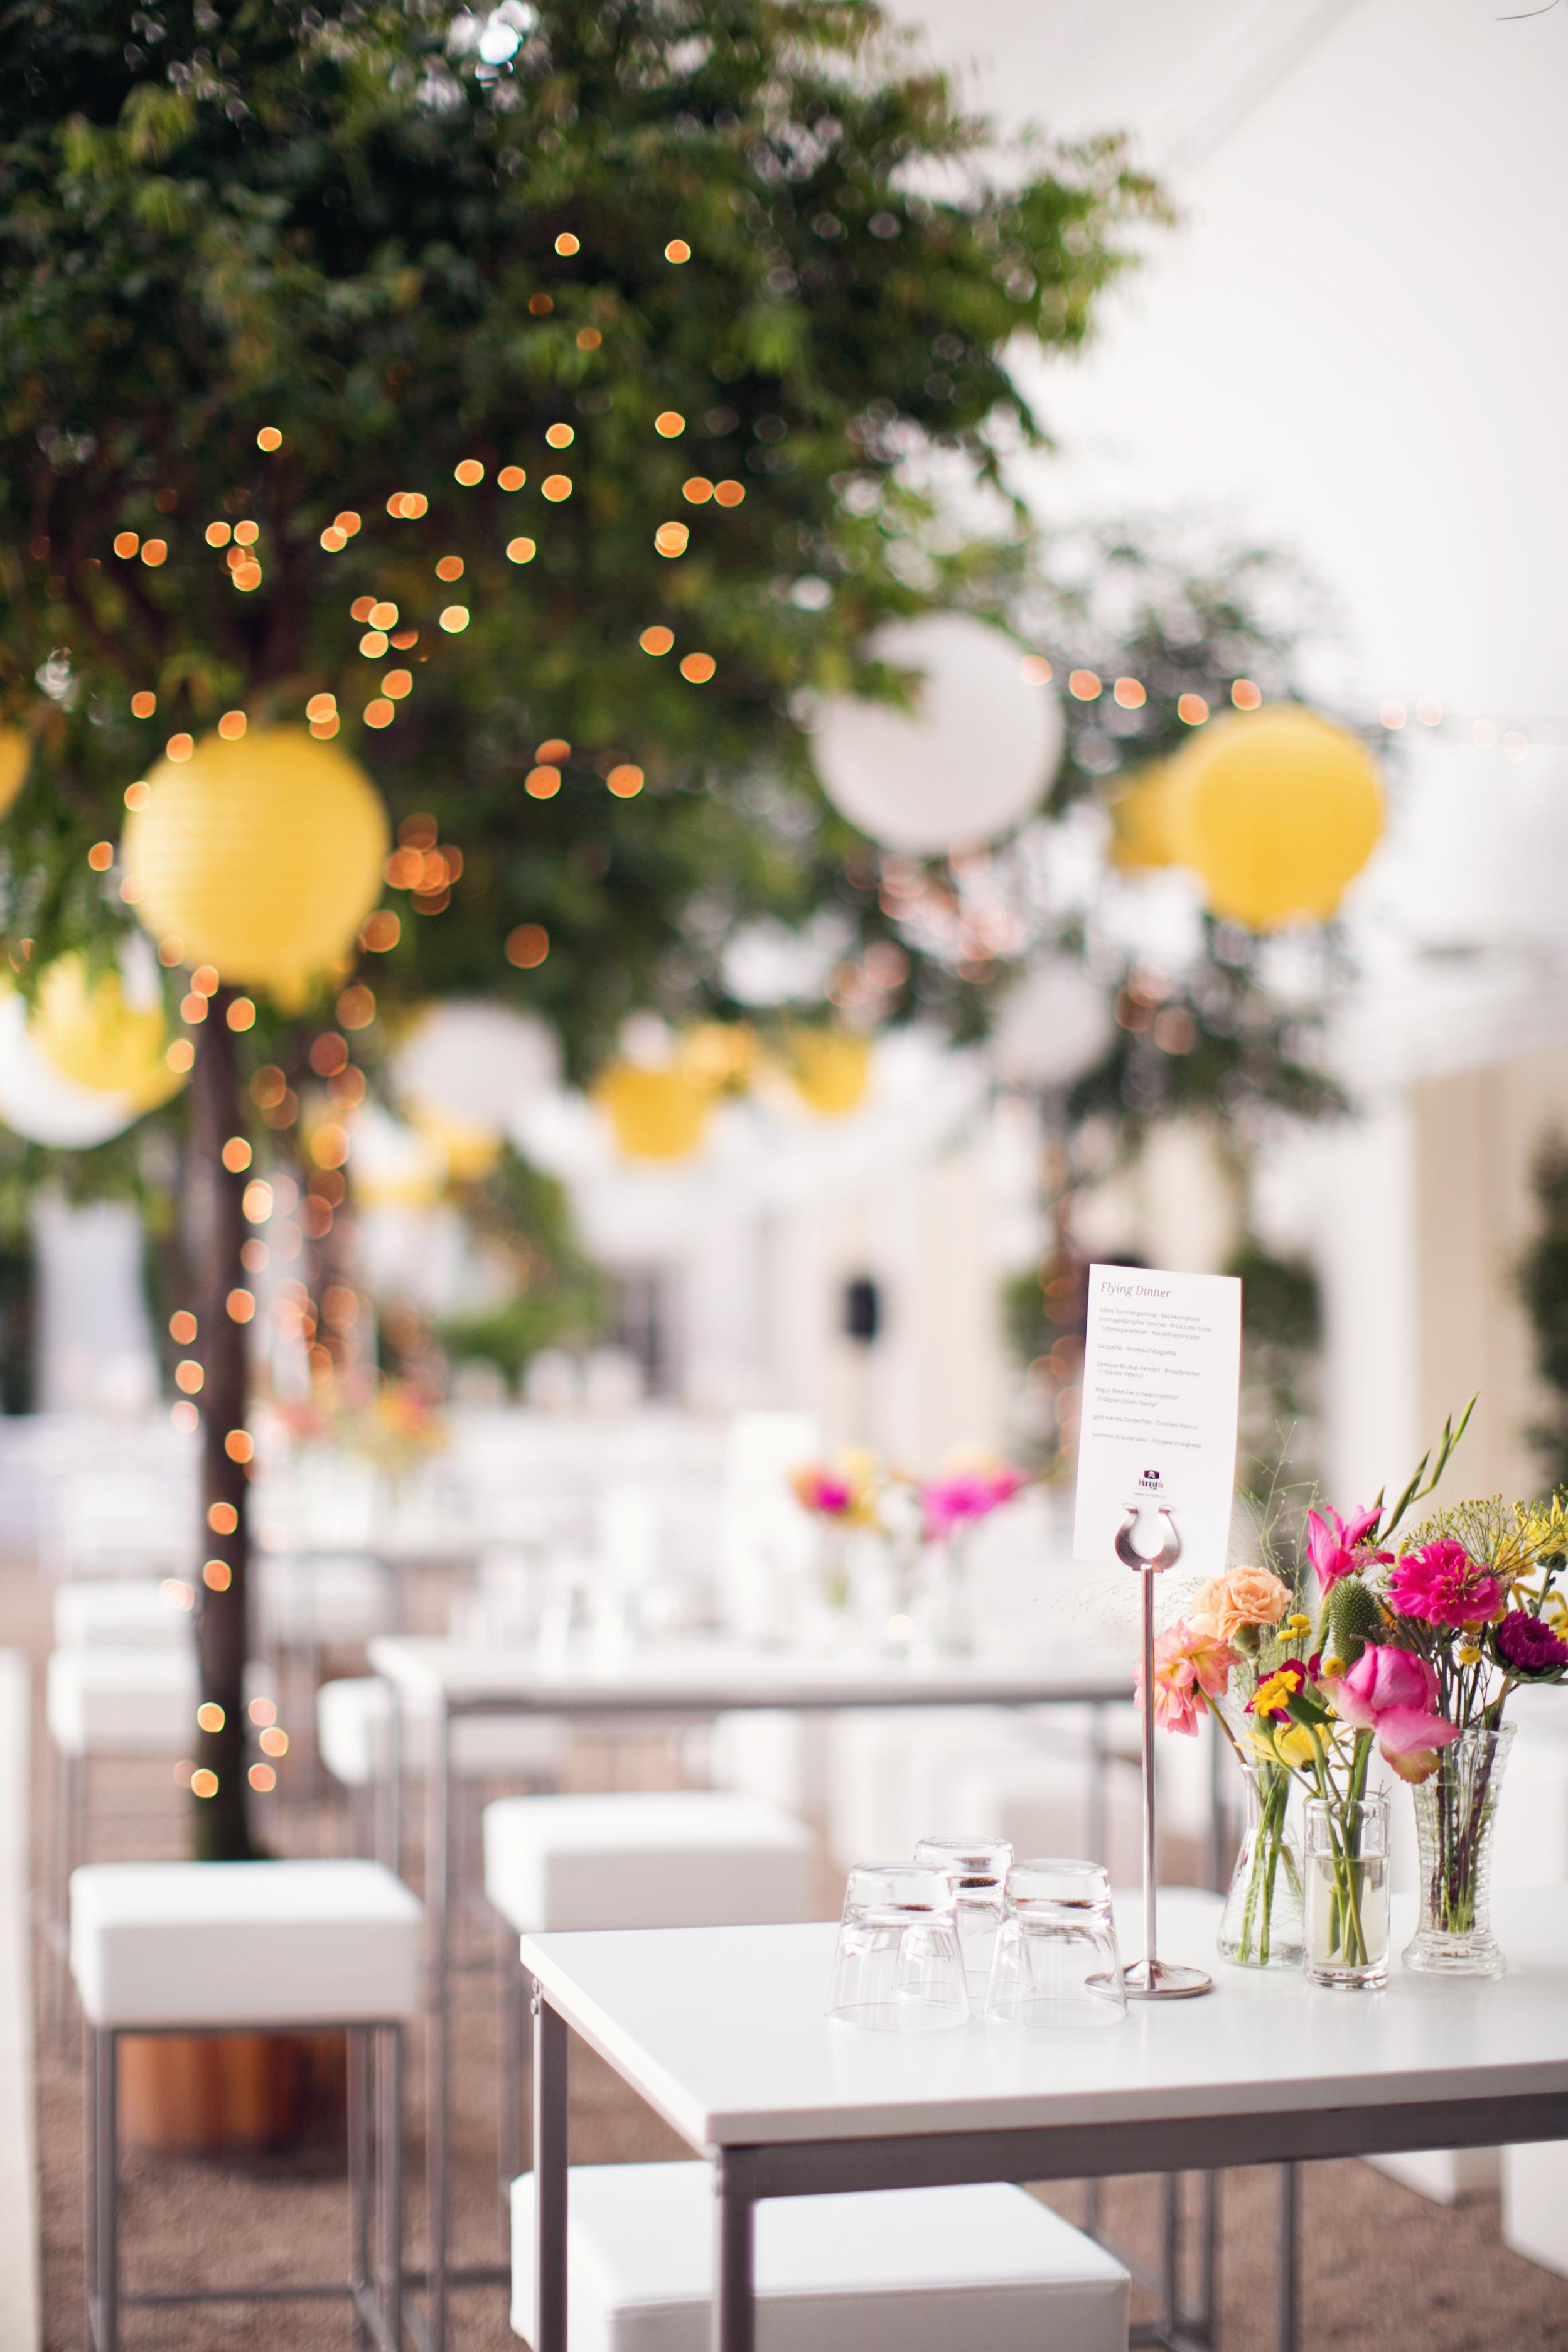 Vorteile des Hochzeitsplaners | www.hochzeitshummel.at | photo: peachesandmint.com